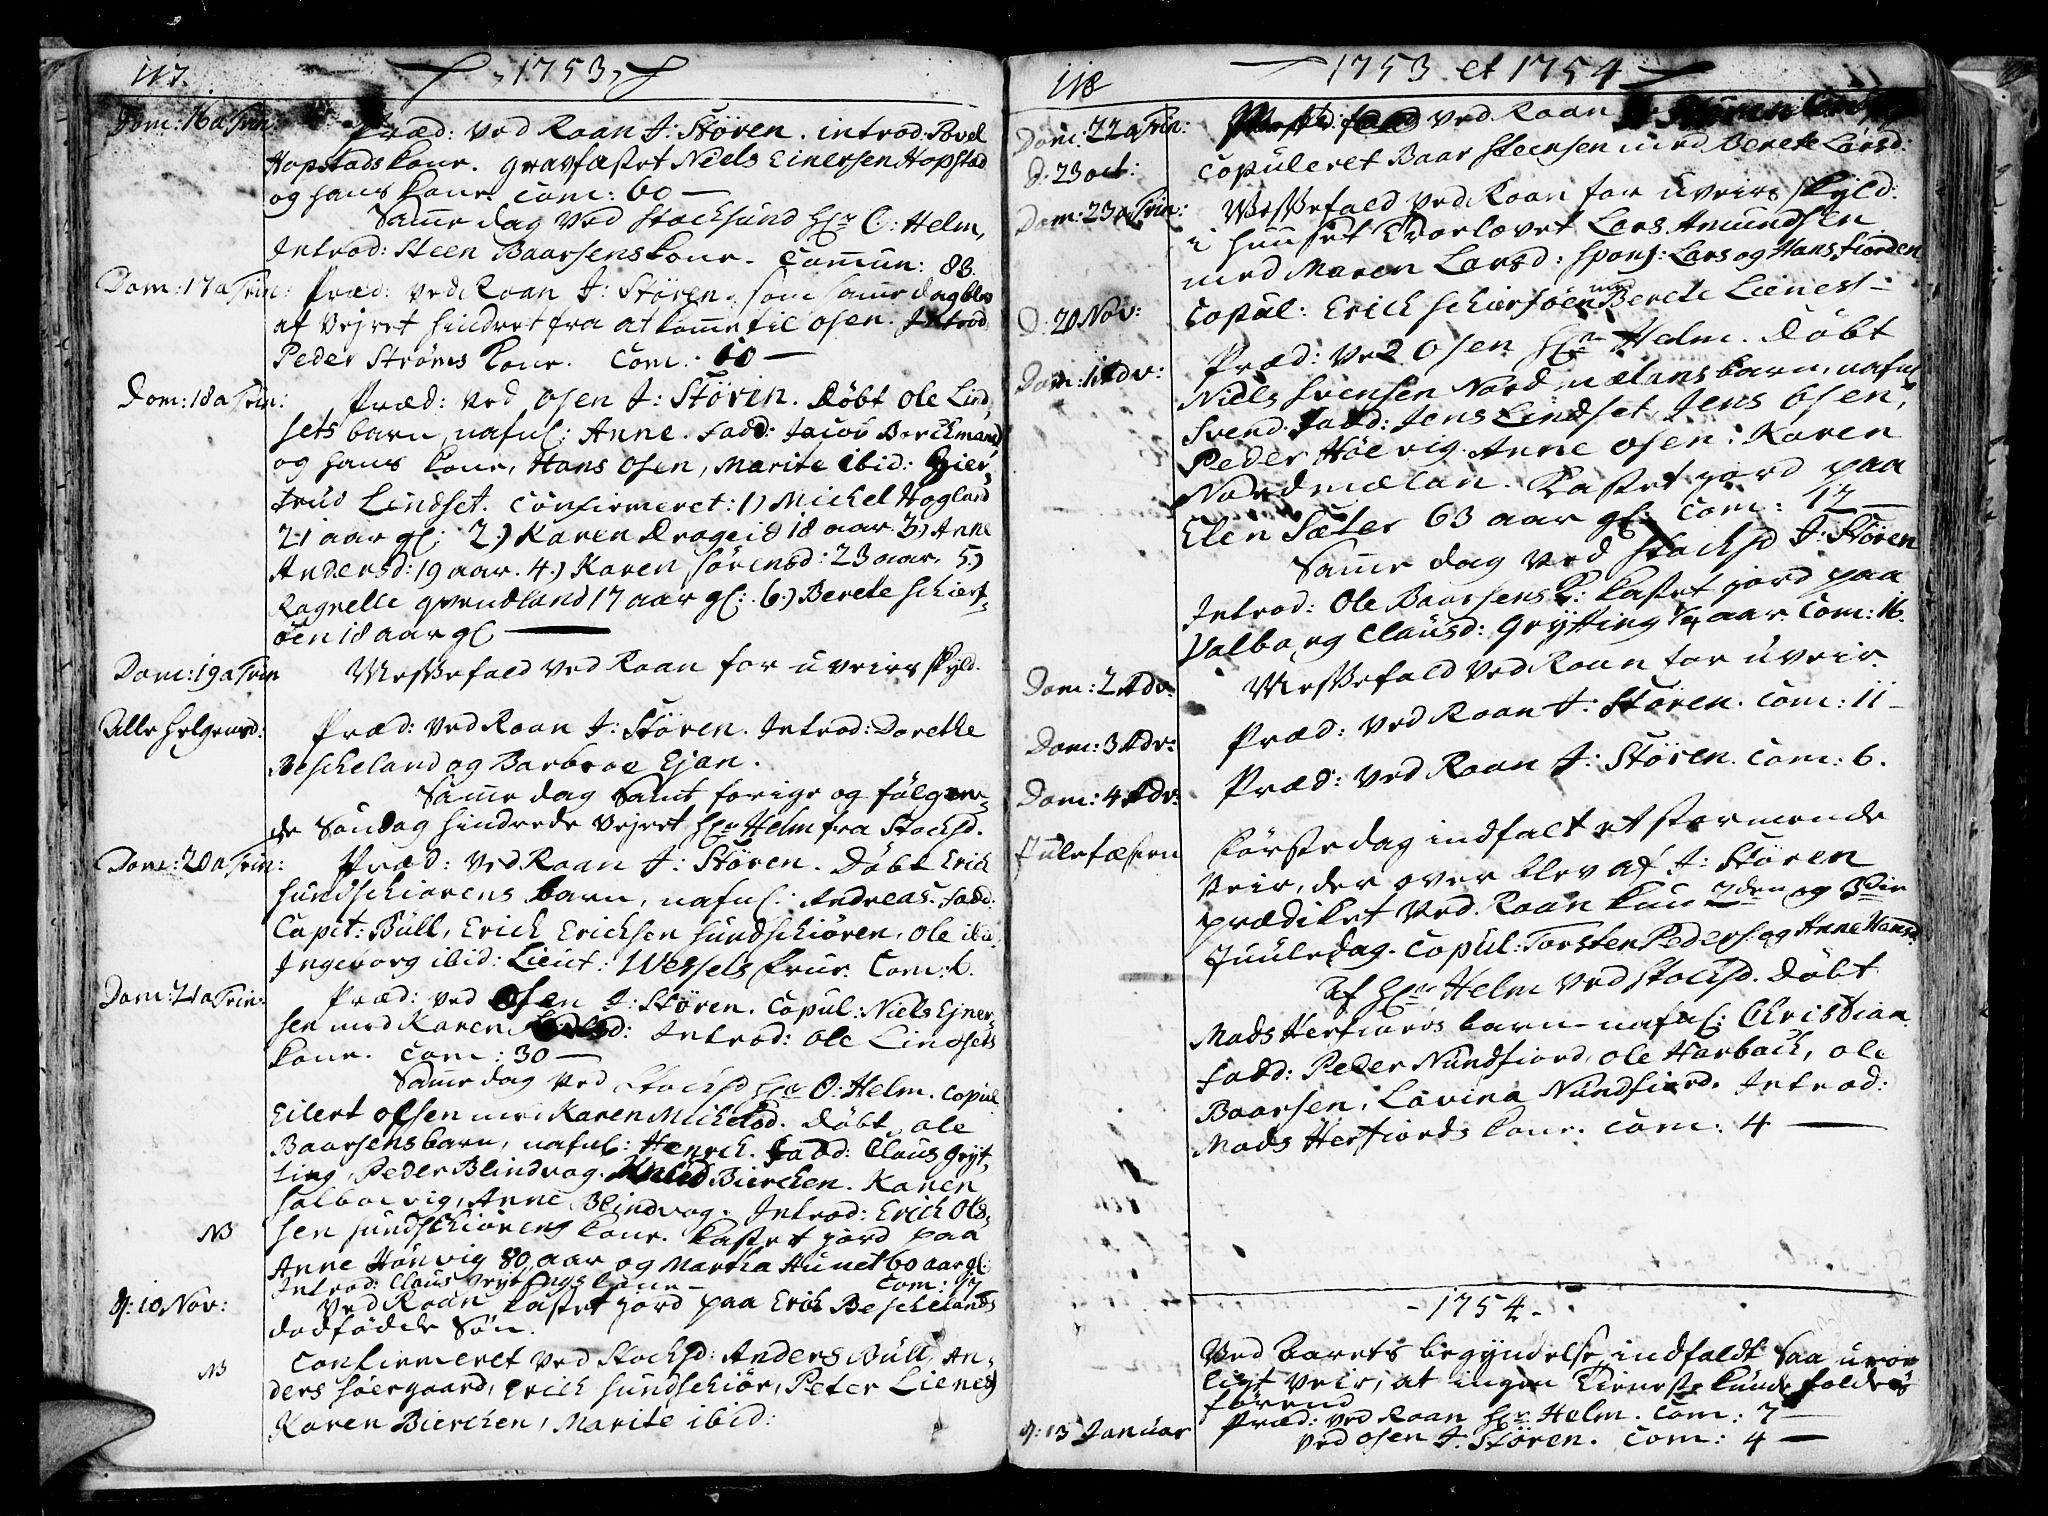 SAT, Ministerialprotokoller, klokkerbøker og fødselsregistre - Sør-Trøndelag, 657/L0700: Ministerialbok nr. 657A01, 1732-1801, s. 117-118